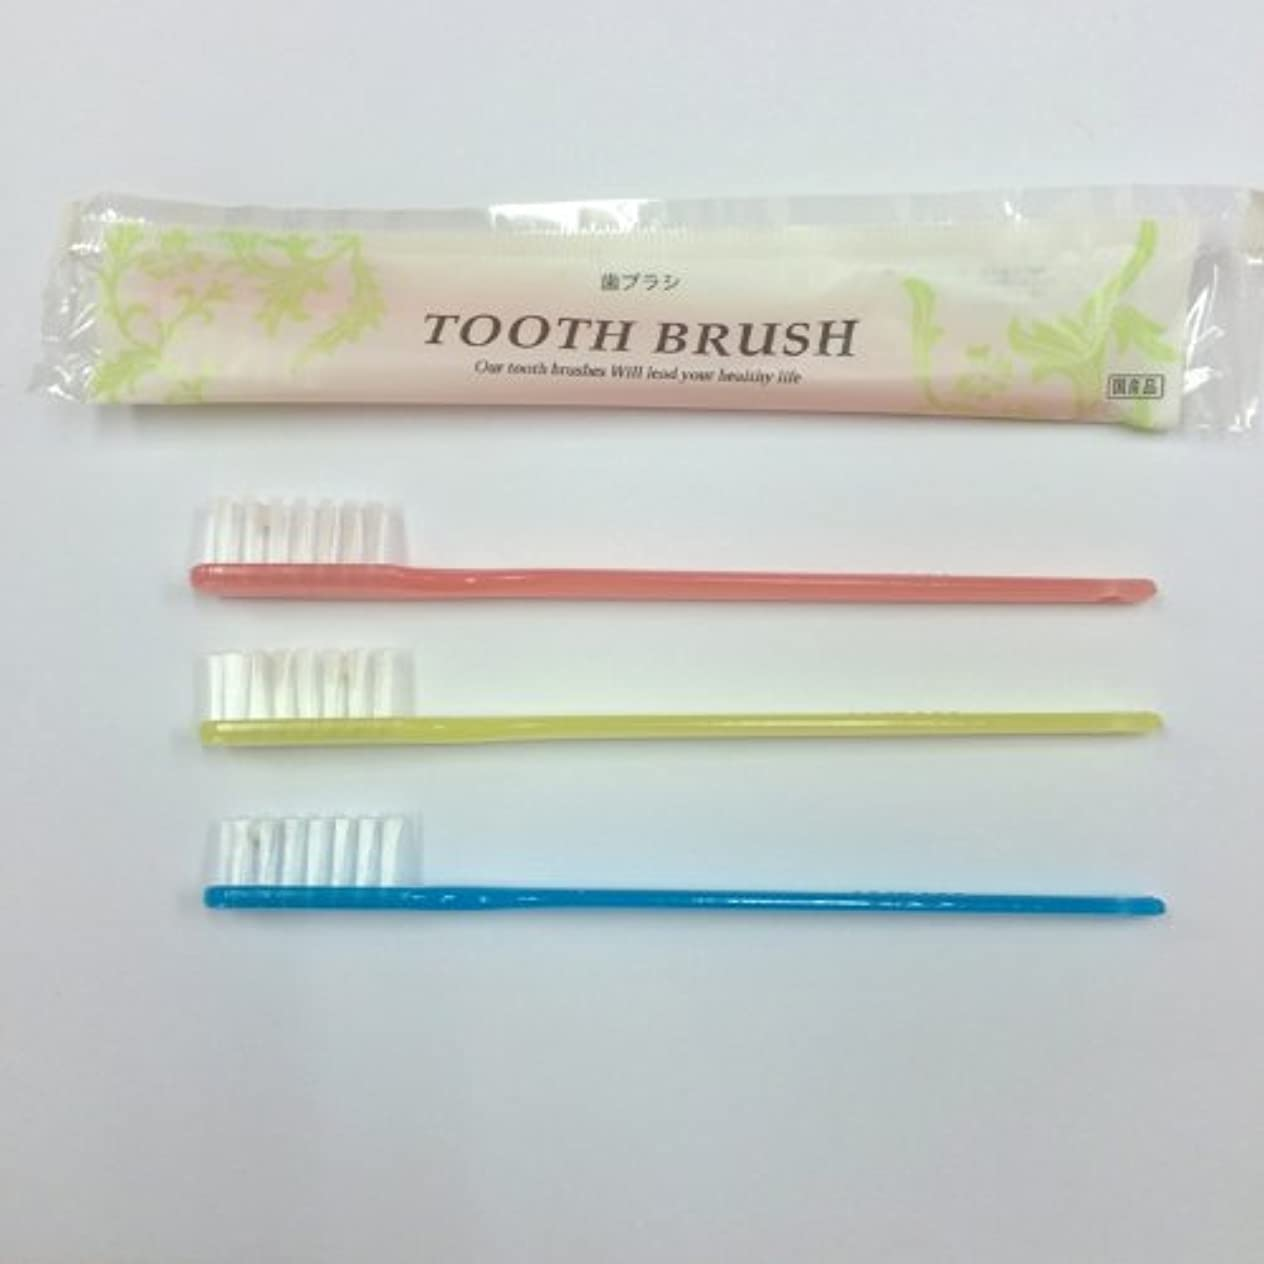 バング最小化するホイップインスタント歯ブラシ 3色アソート(ピンク?ブルー?イエロー) 200本